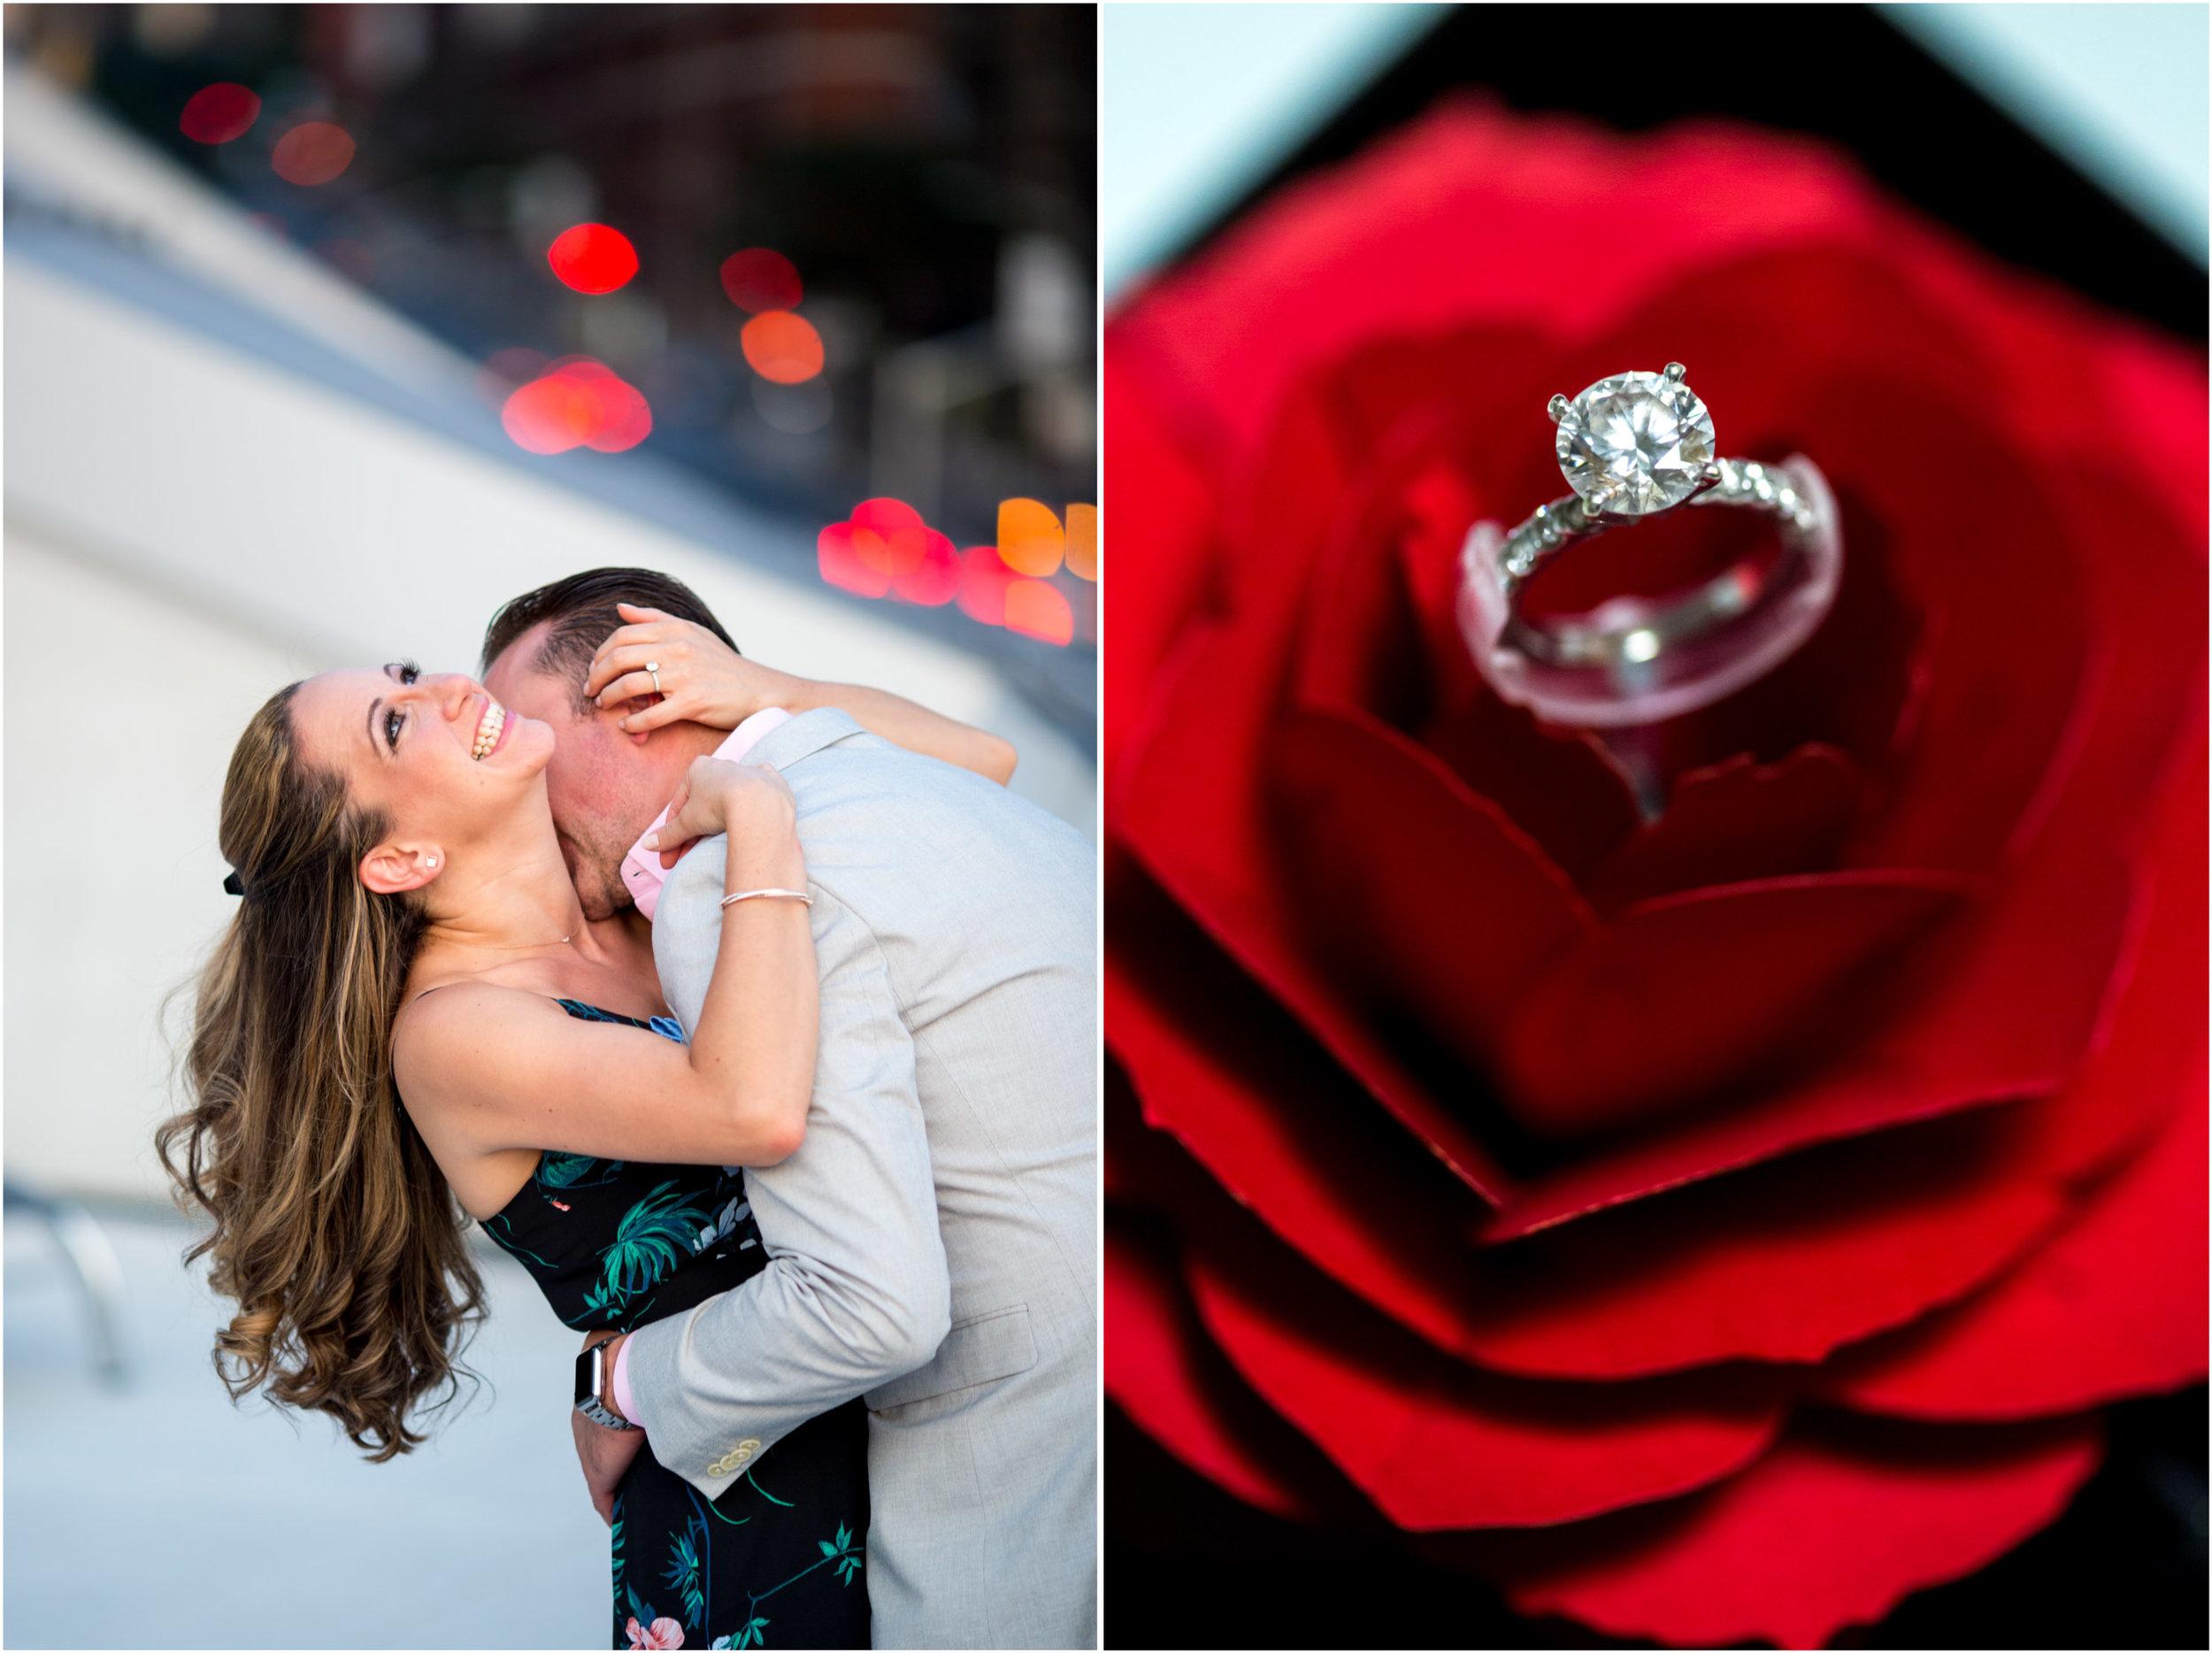 New York City Engagement Photo Shoot NYC_52.jpg